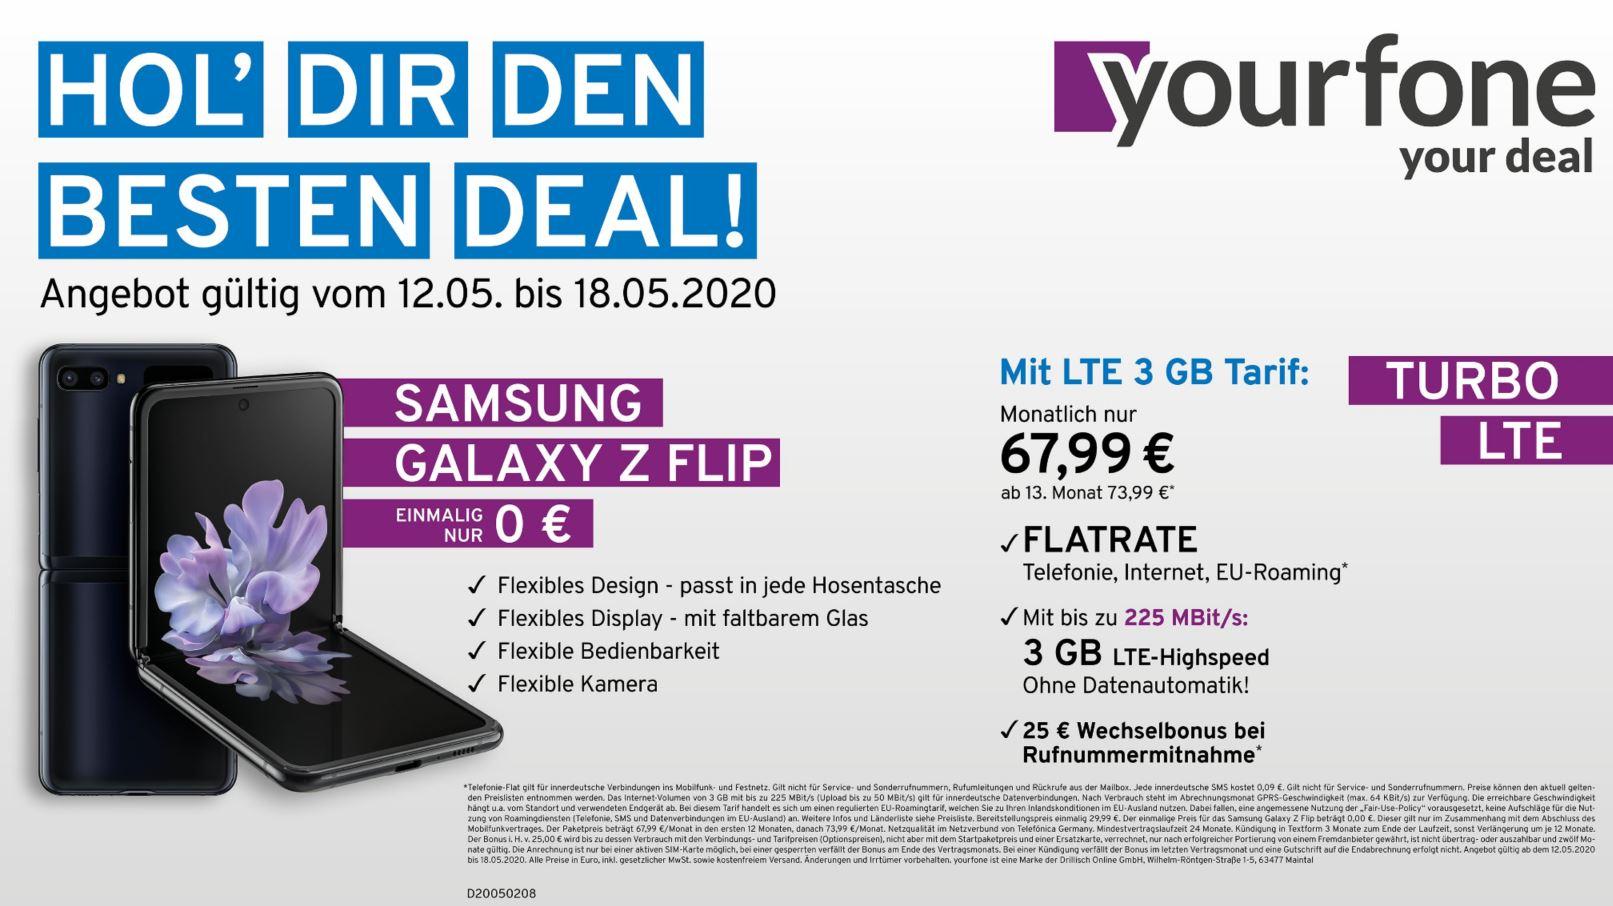 yourfone-deal-mai-2020